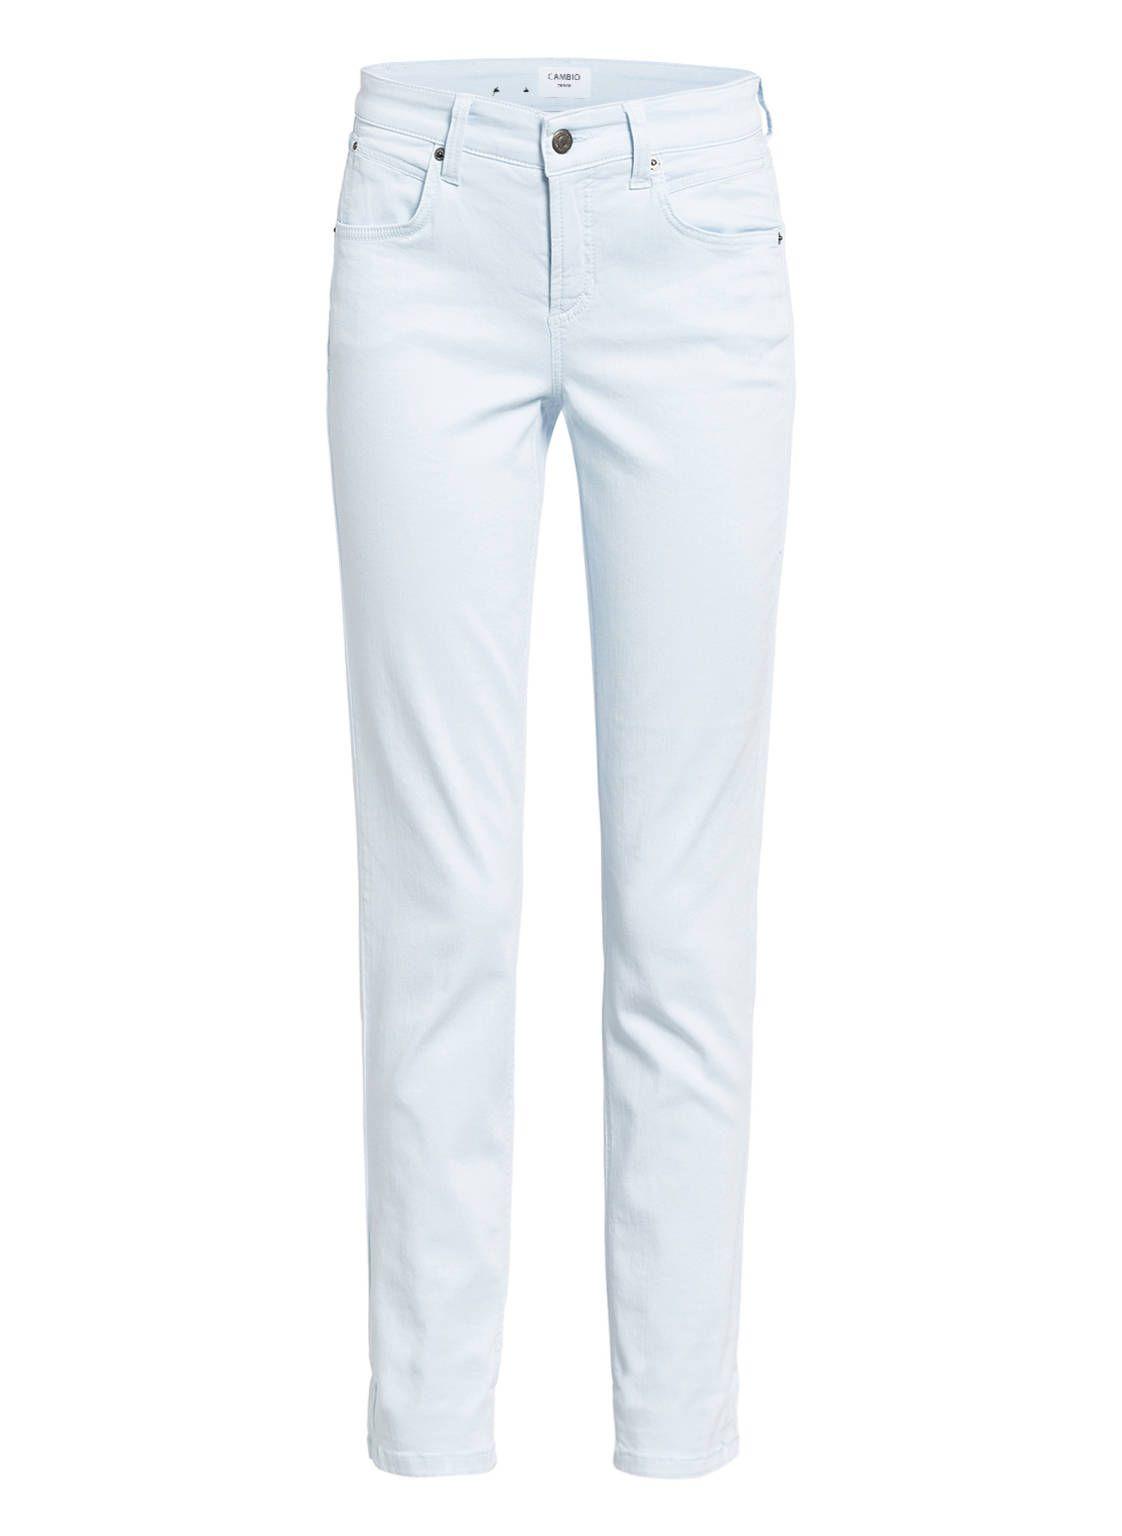 Jeans PINA von CAMBIO bei Breuninger kaufen